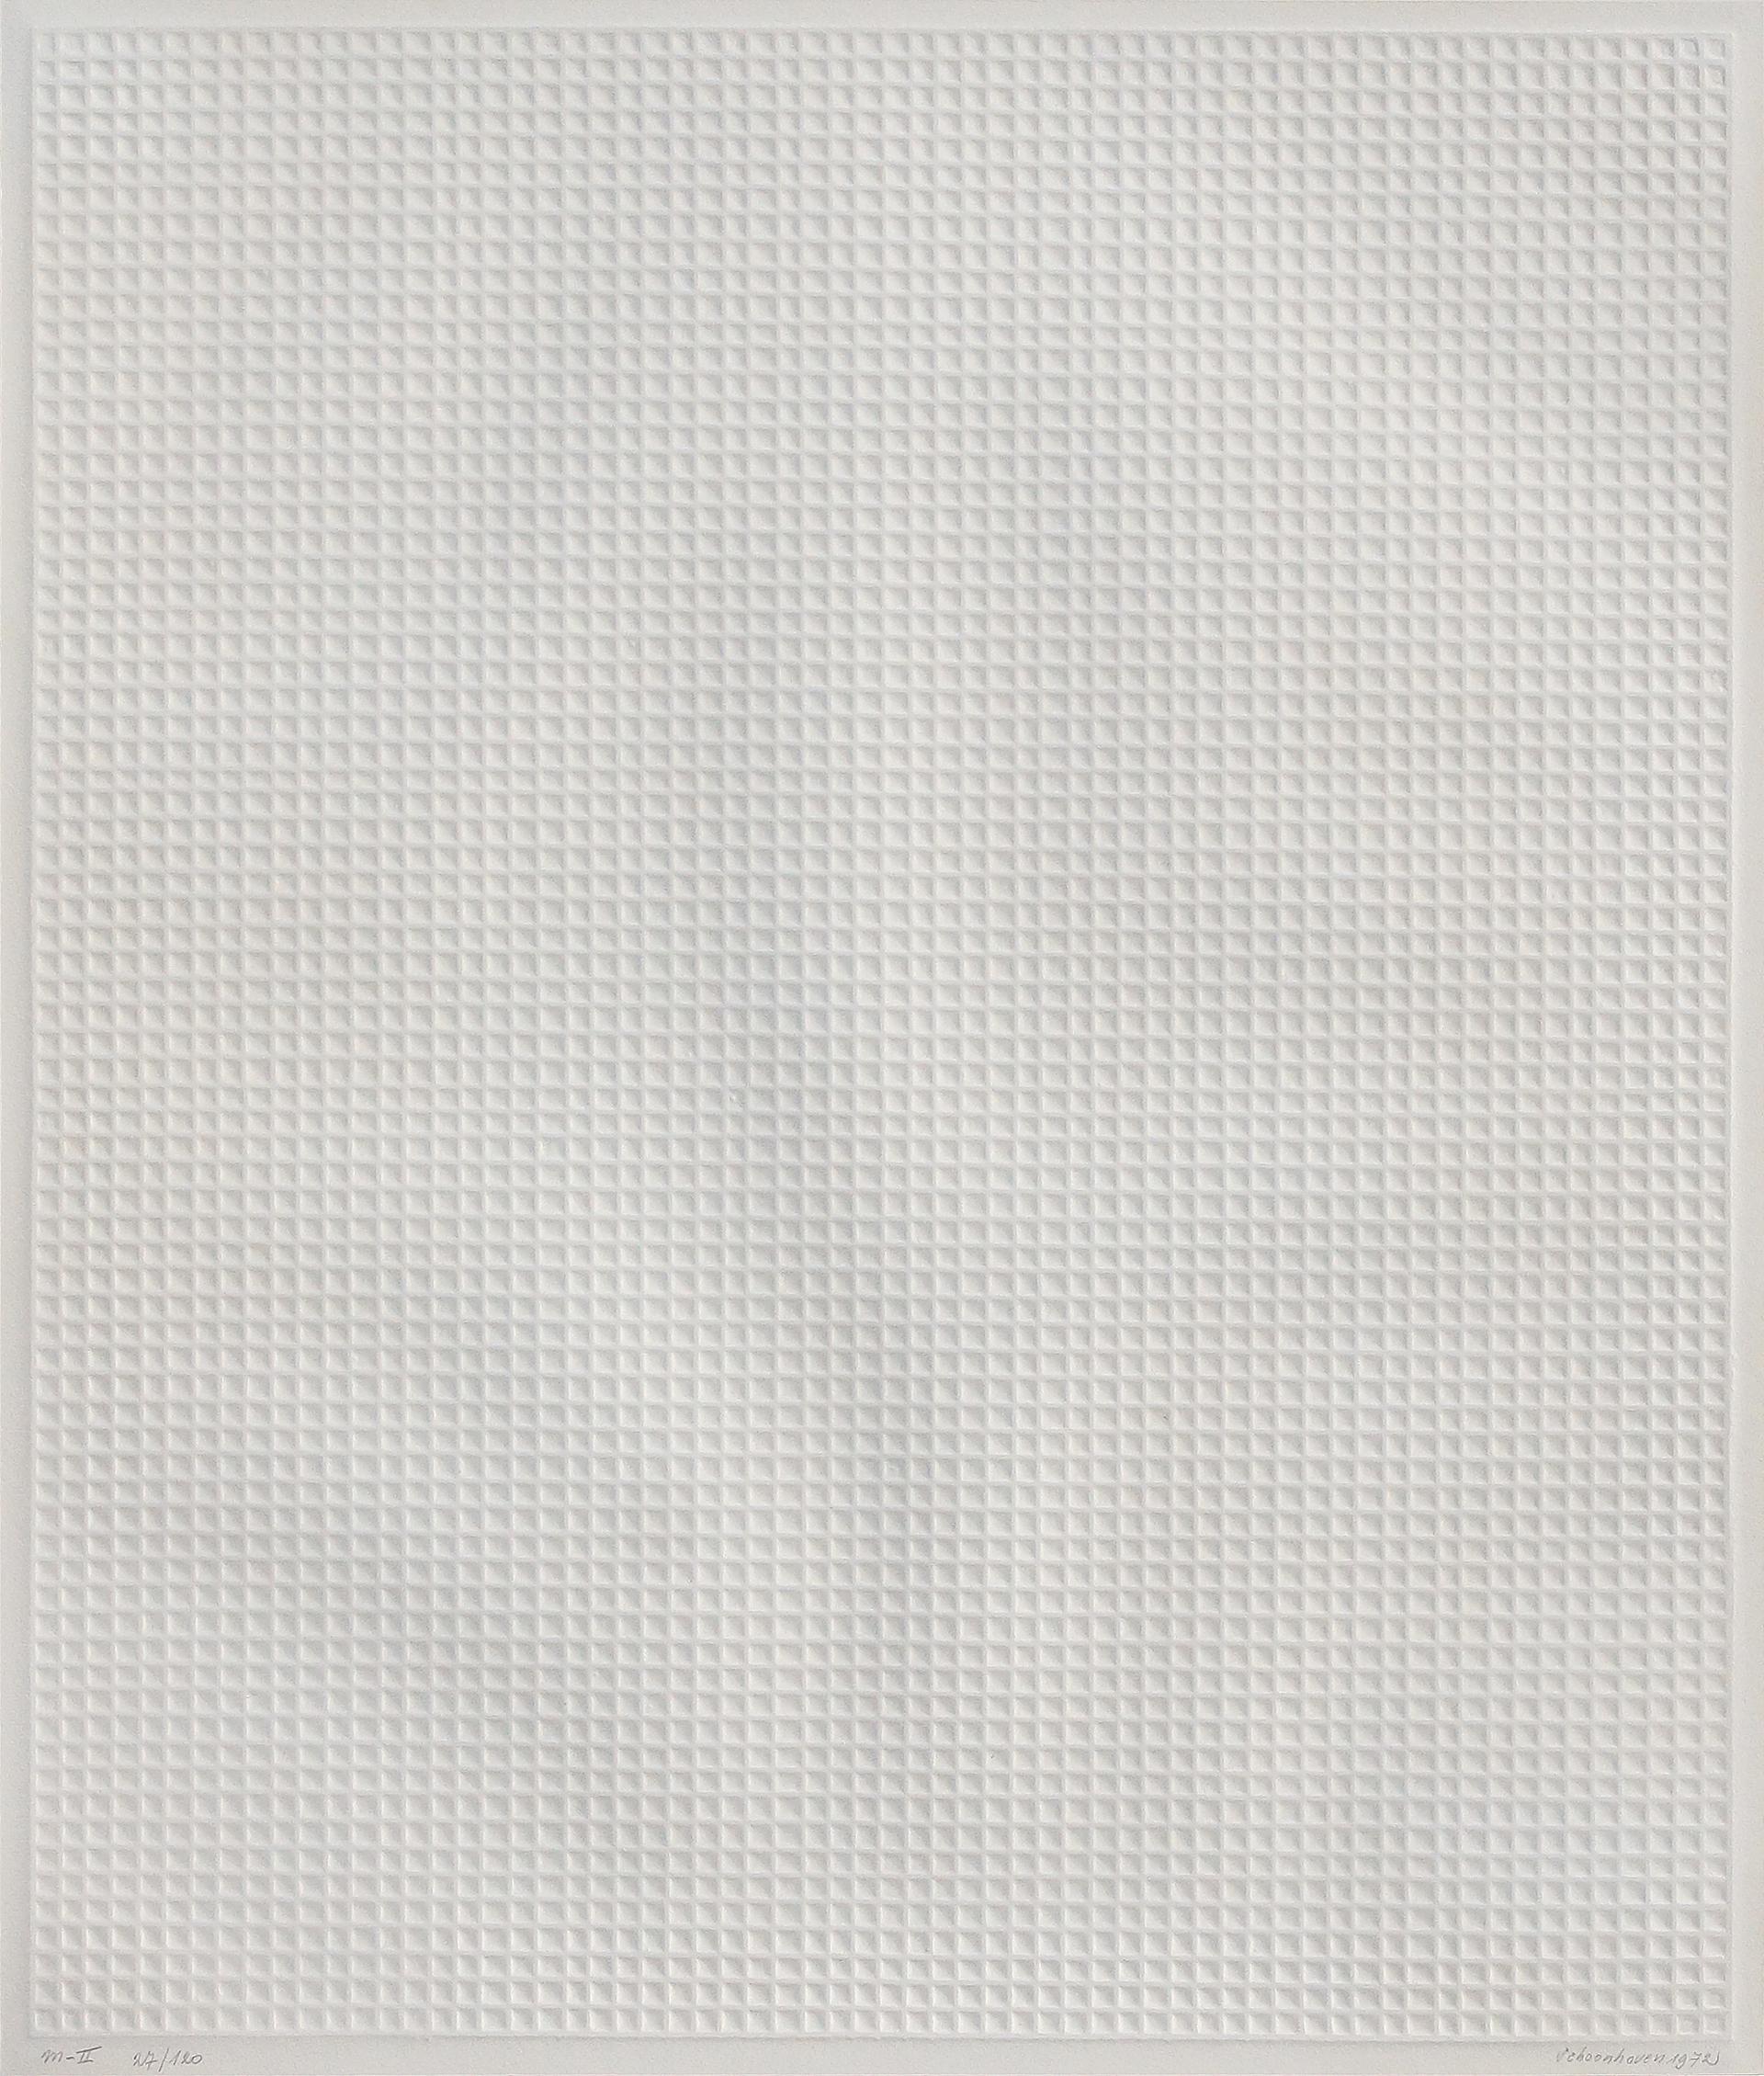 Jan Schoonhoven: ohne Titel (1972)